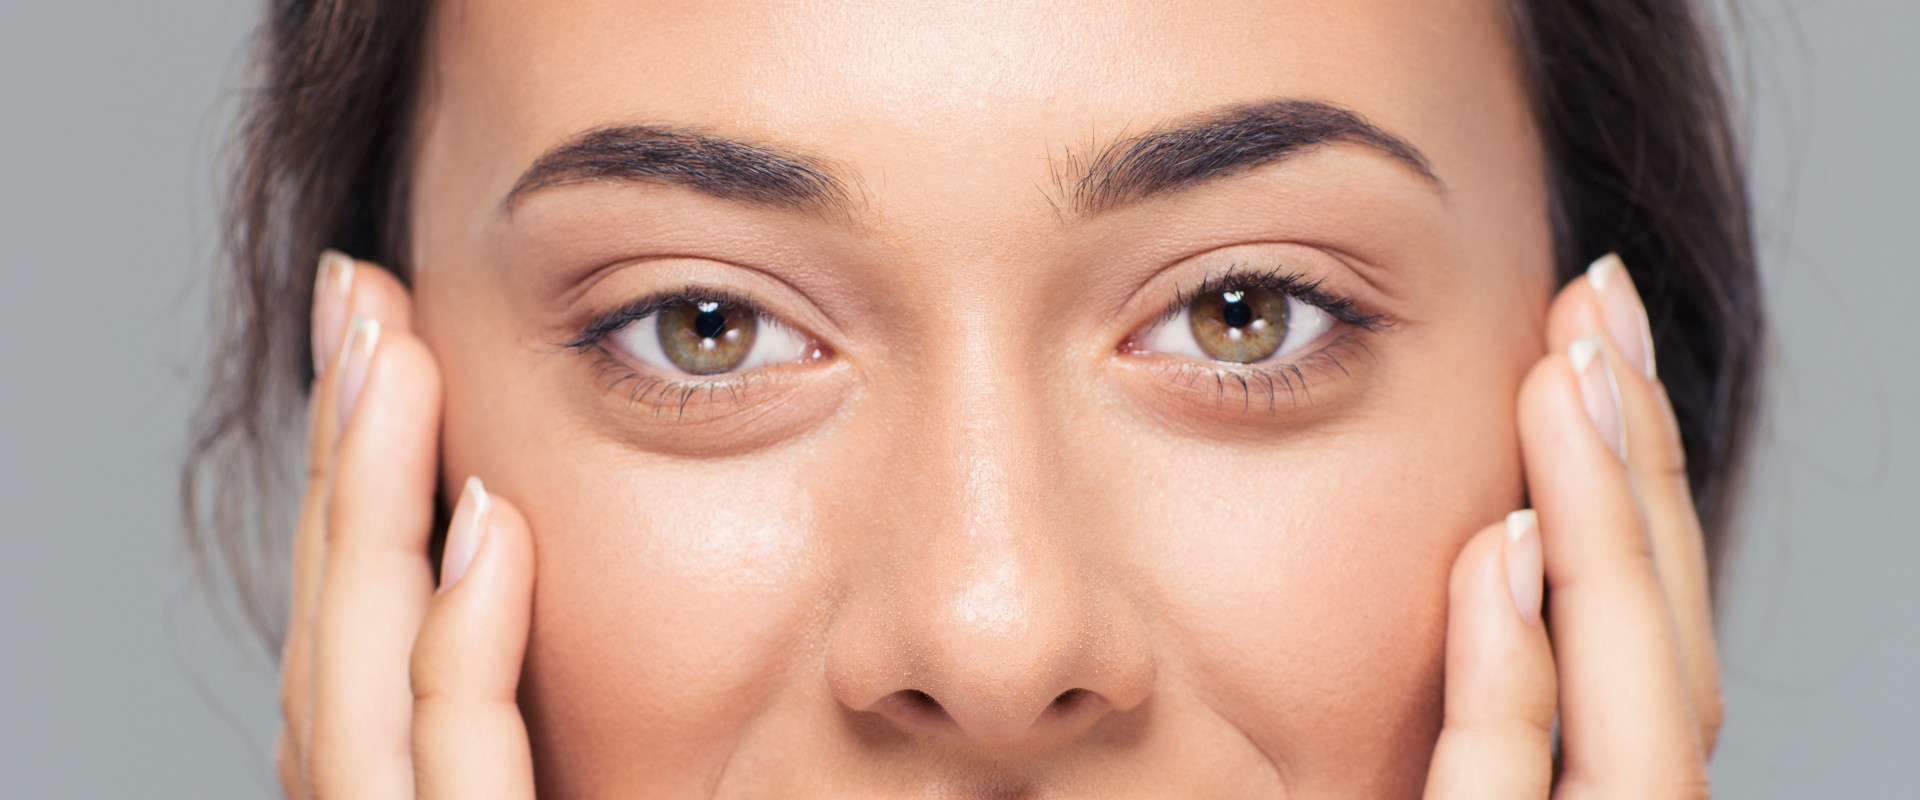 Donkere vlekken op de huid verwijderen | Alle huidtypes